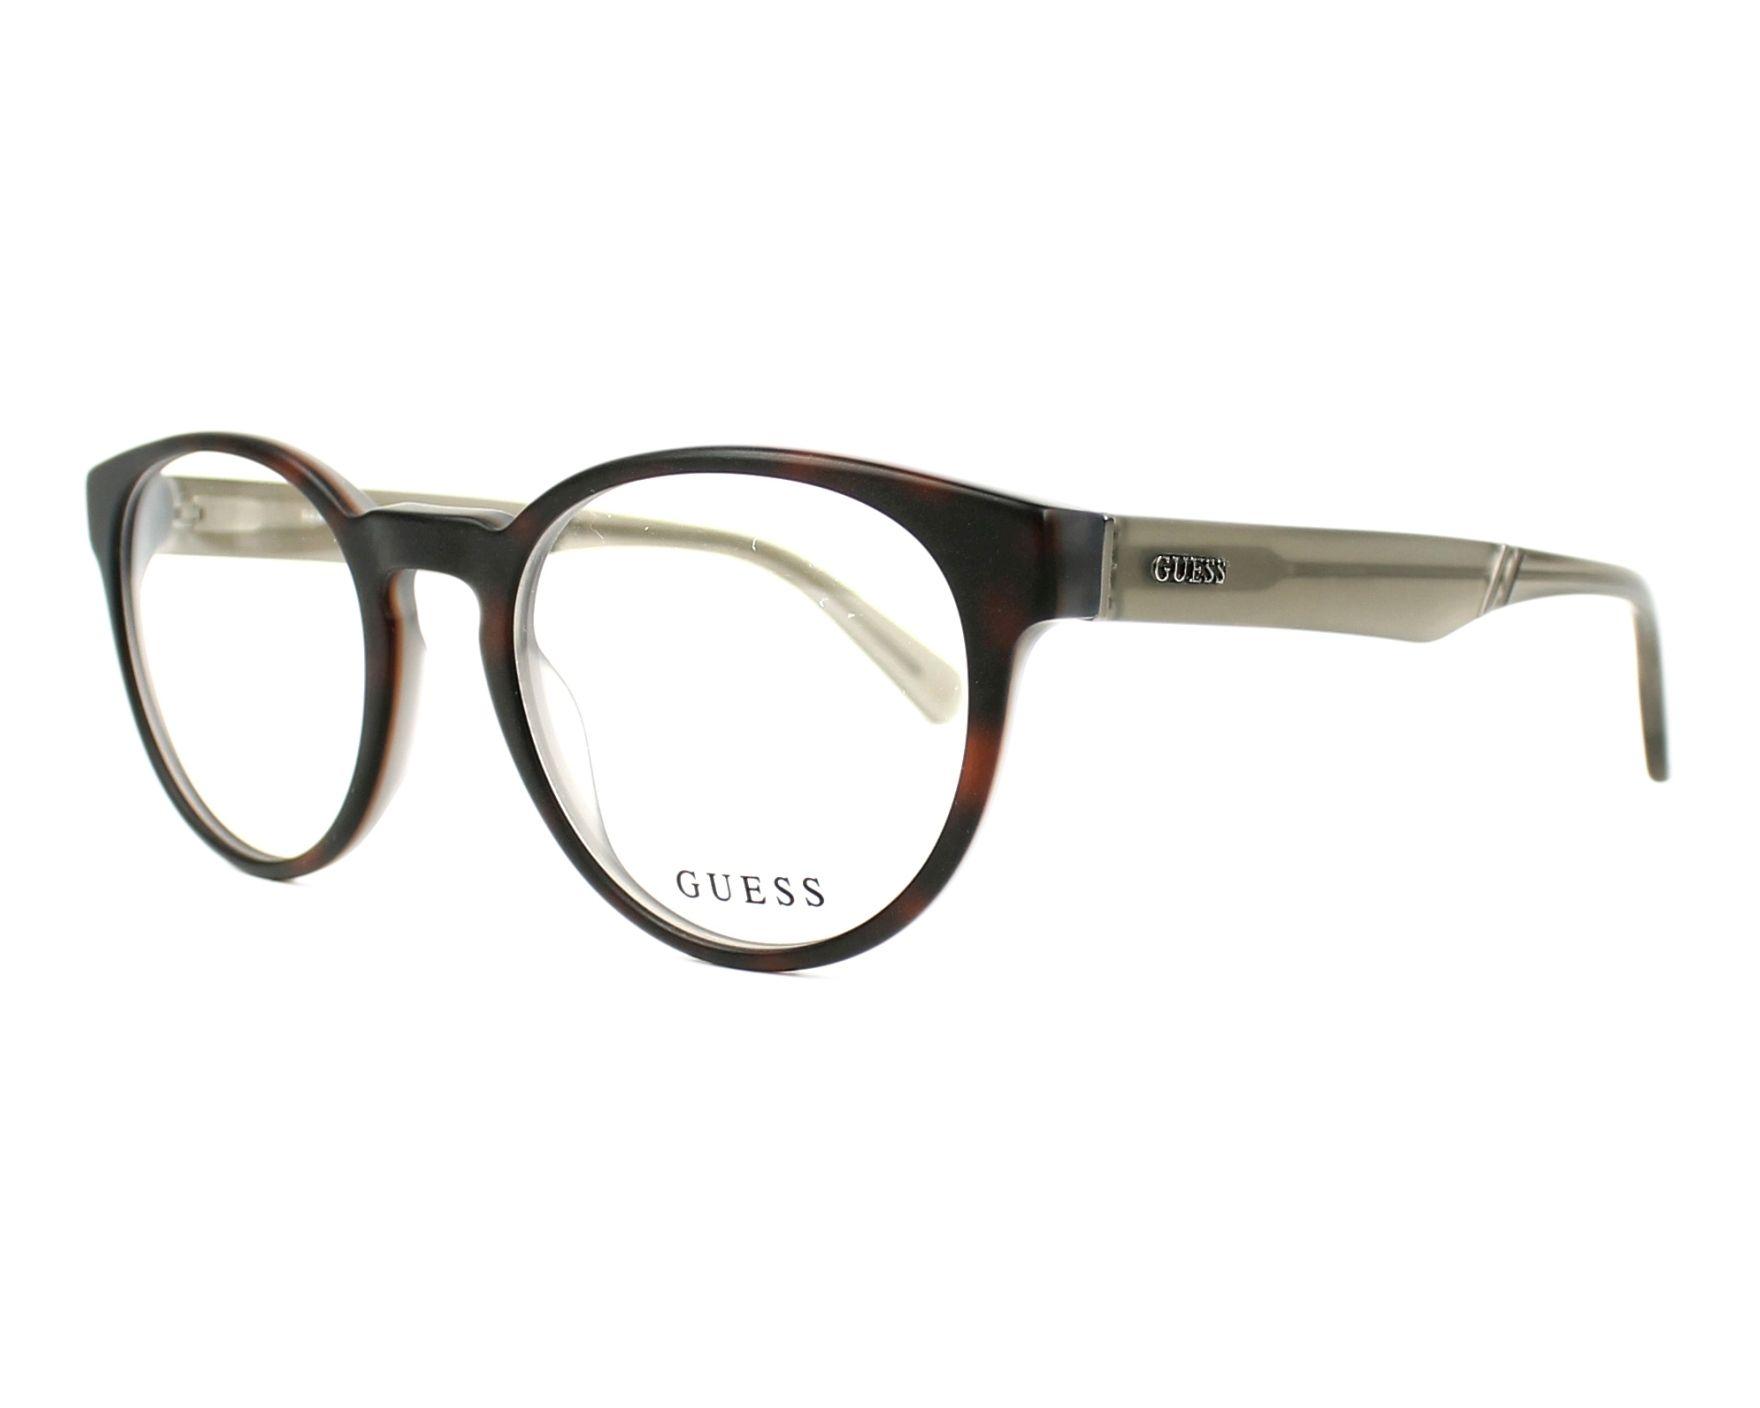 Guess Eyeglasses GU-1932 052 Havana - Visionet UK